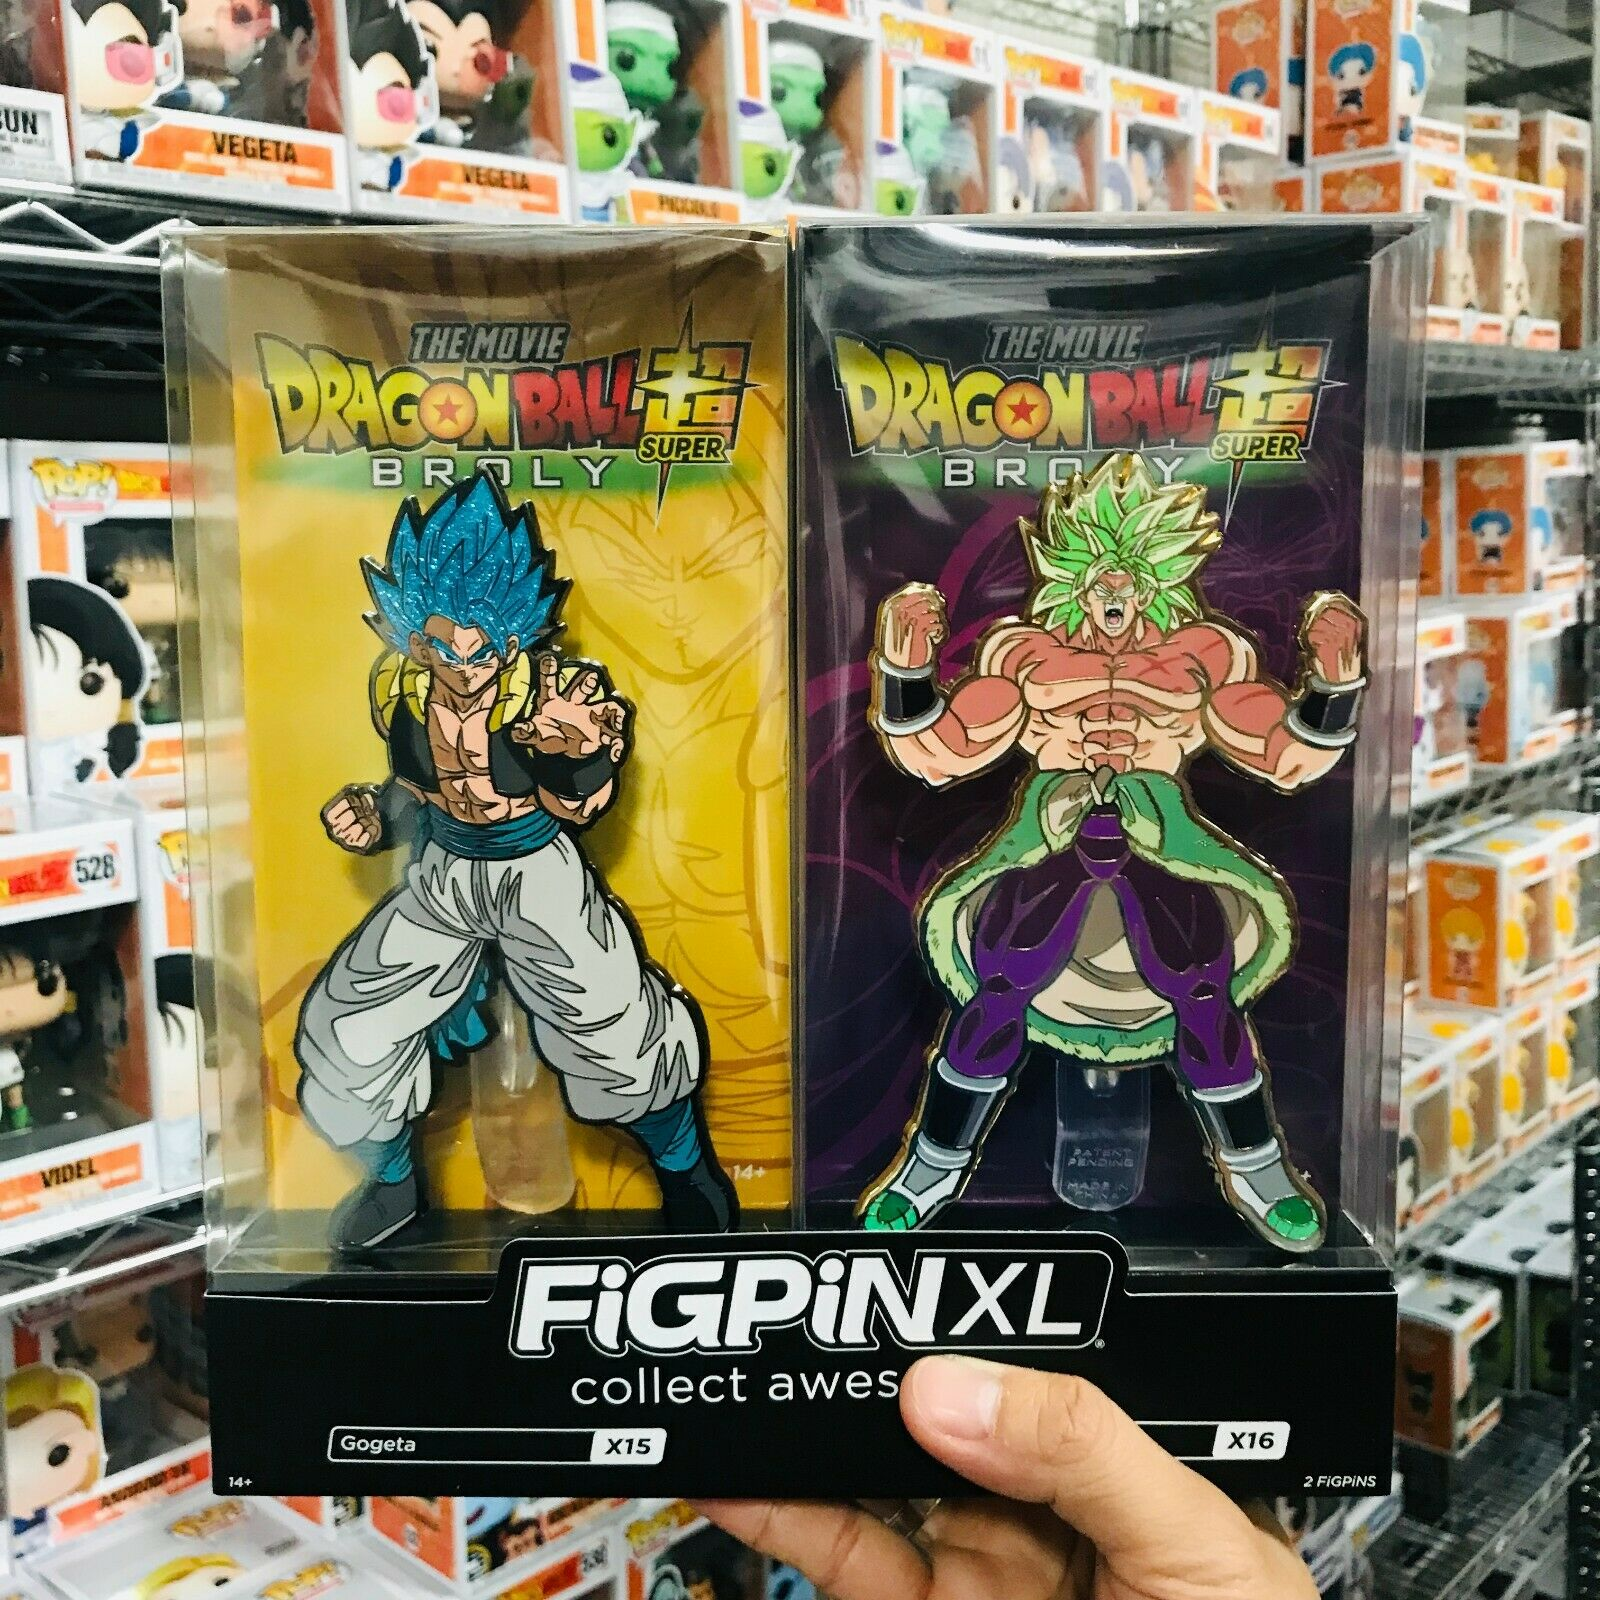 San Diego comic-con 2019 Exclusive Dragonball Super  Gogeta et Broly figpin XL avec le mélange Vegeta PIN  le plus en vogue